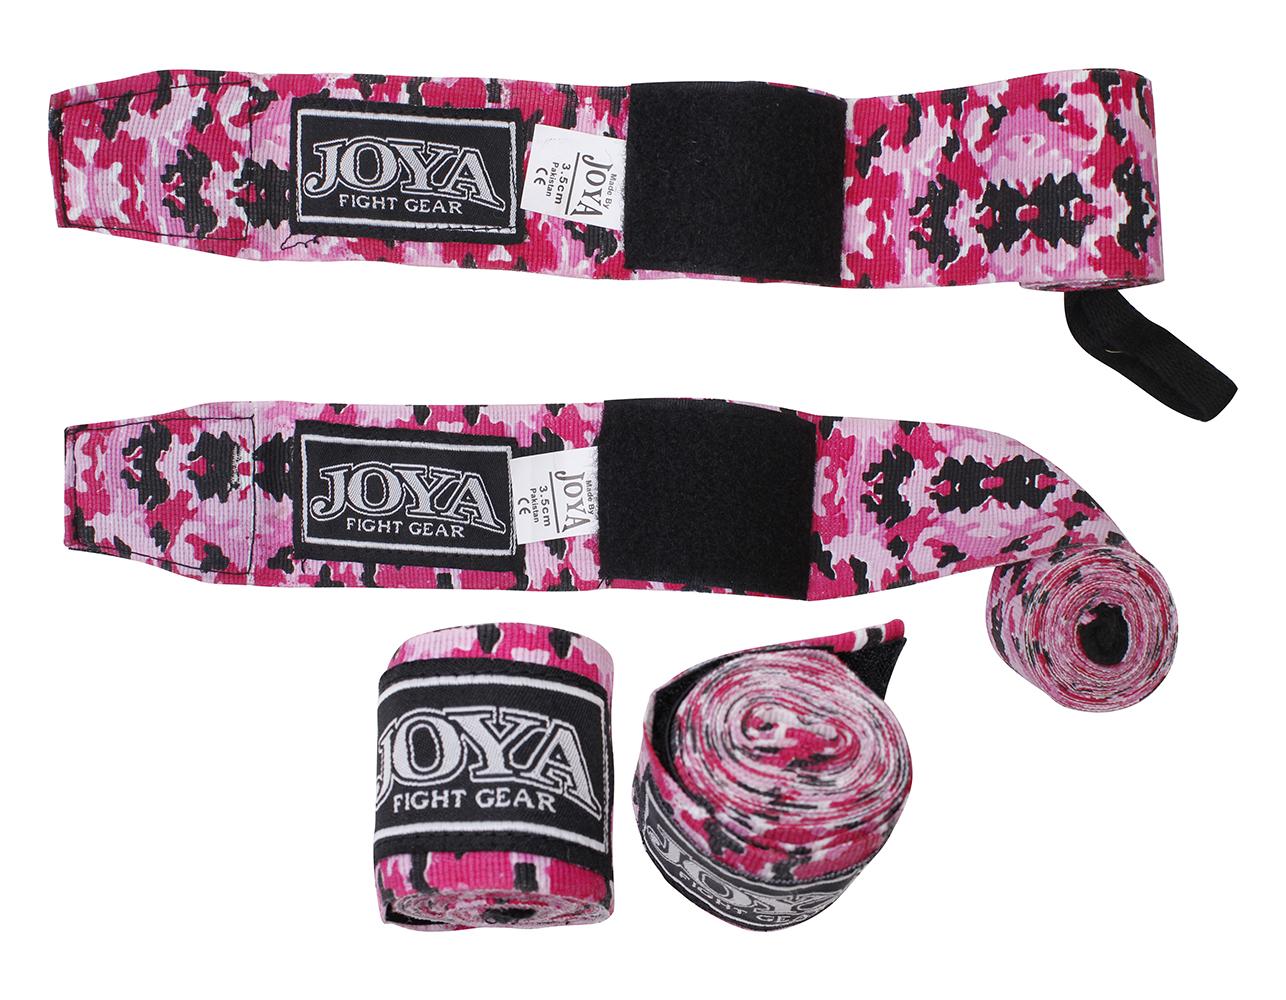 Joya Bandage Camouflage Roze 3,5mtr